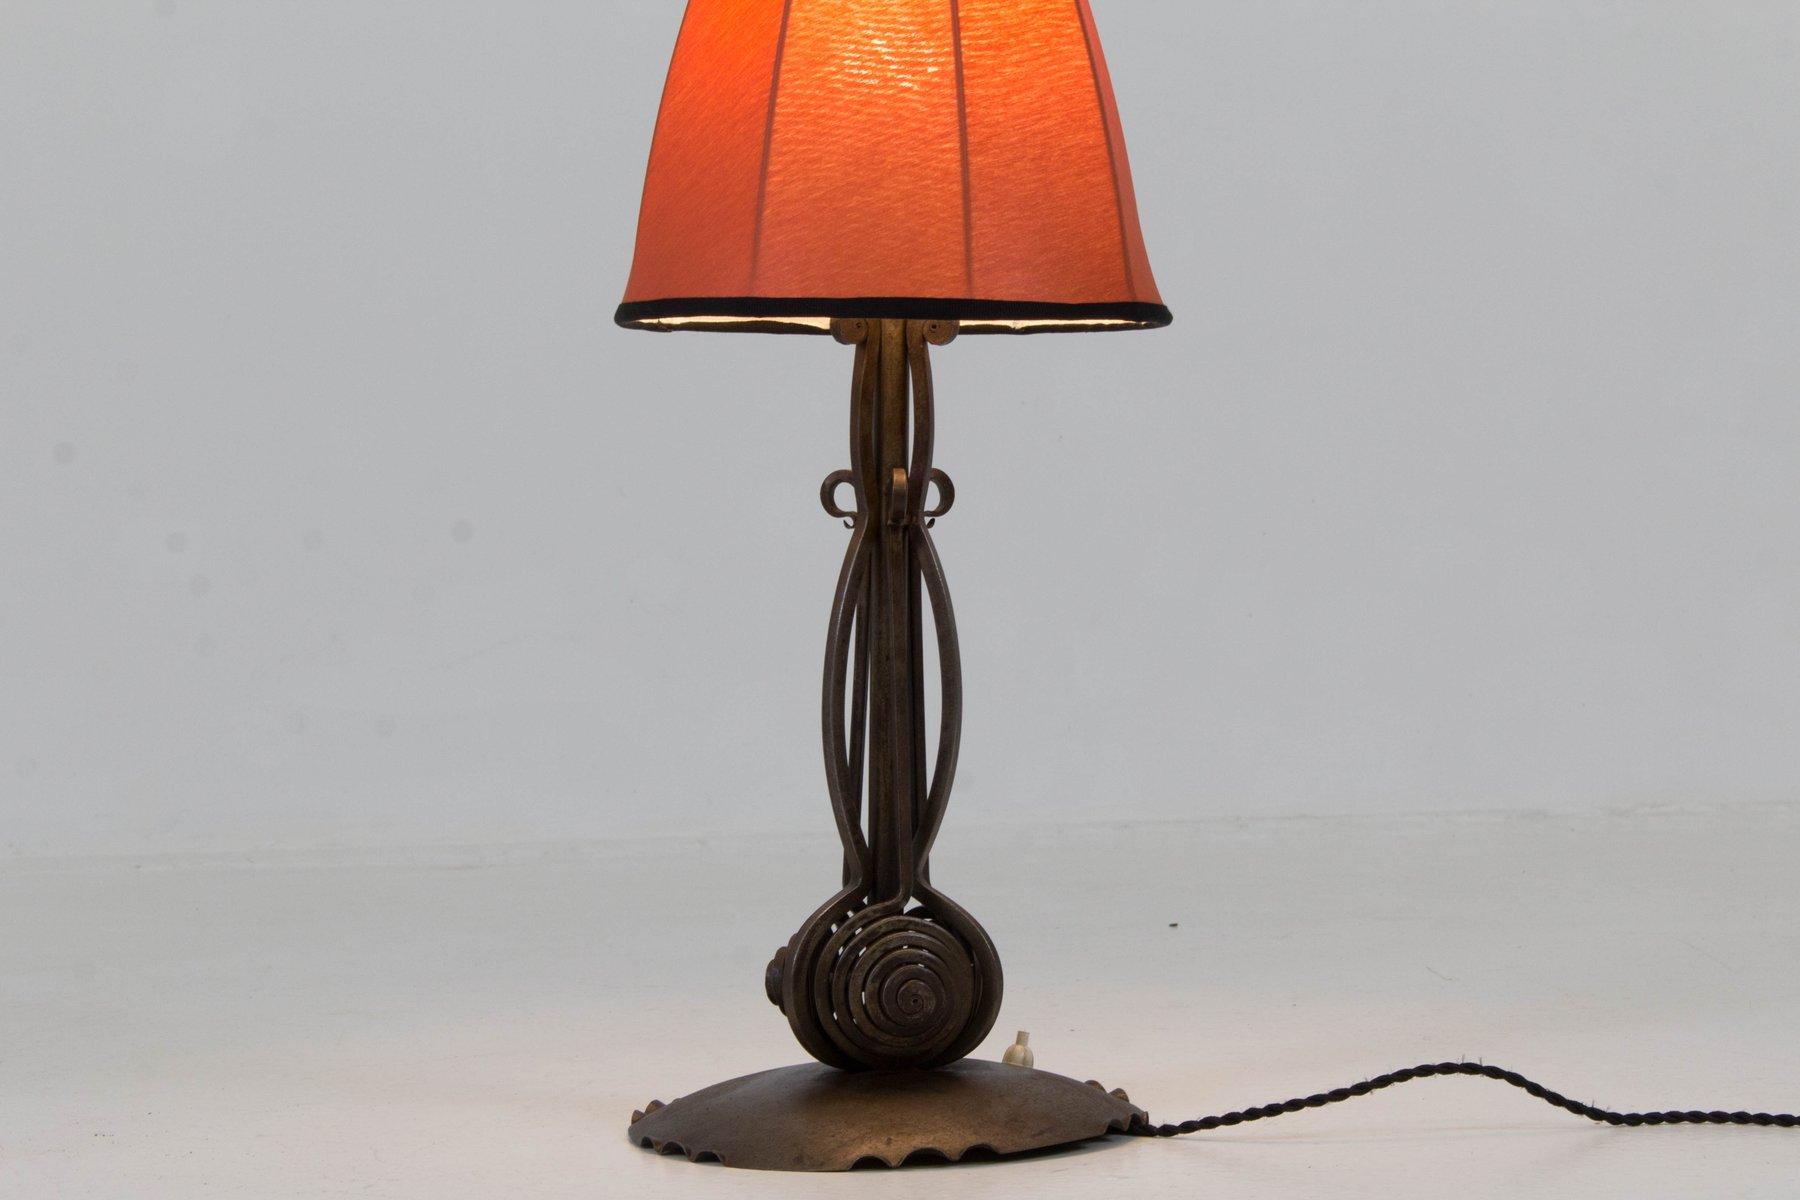 lampe de bureau art d co cole d amsterdam de winkelman van der bijl 1920s en vente sur pamono. Black Bedroom Furniture Sets. Home Design Ideas